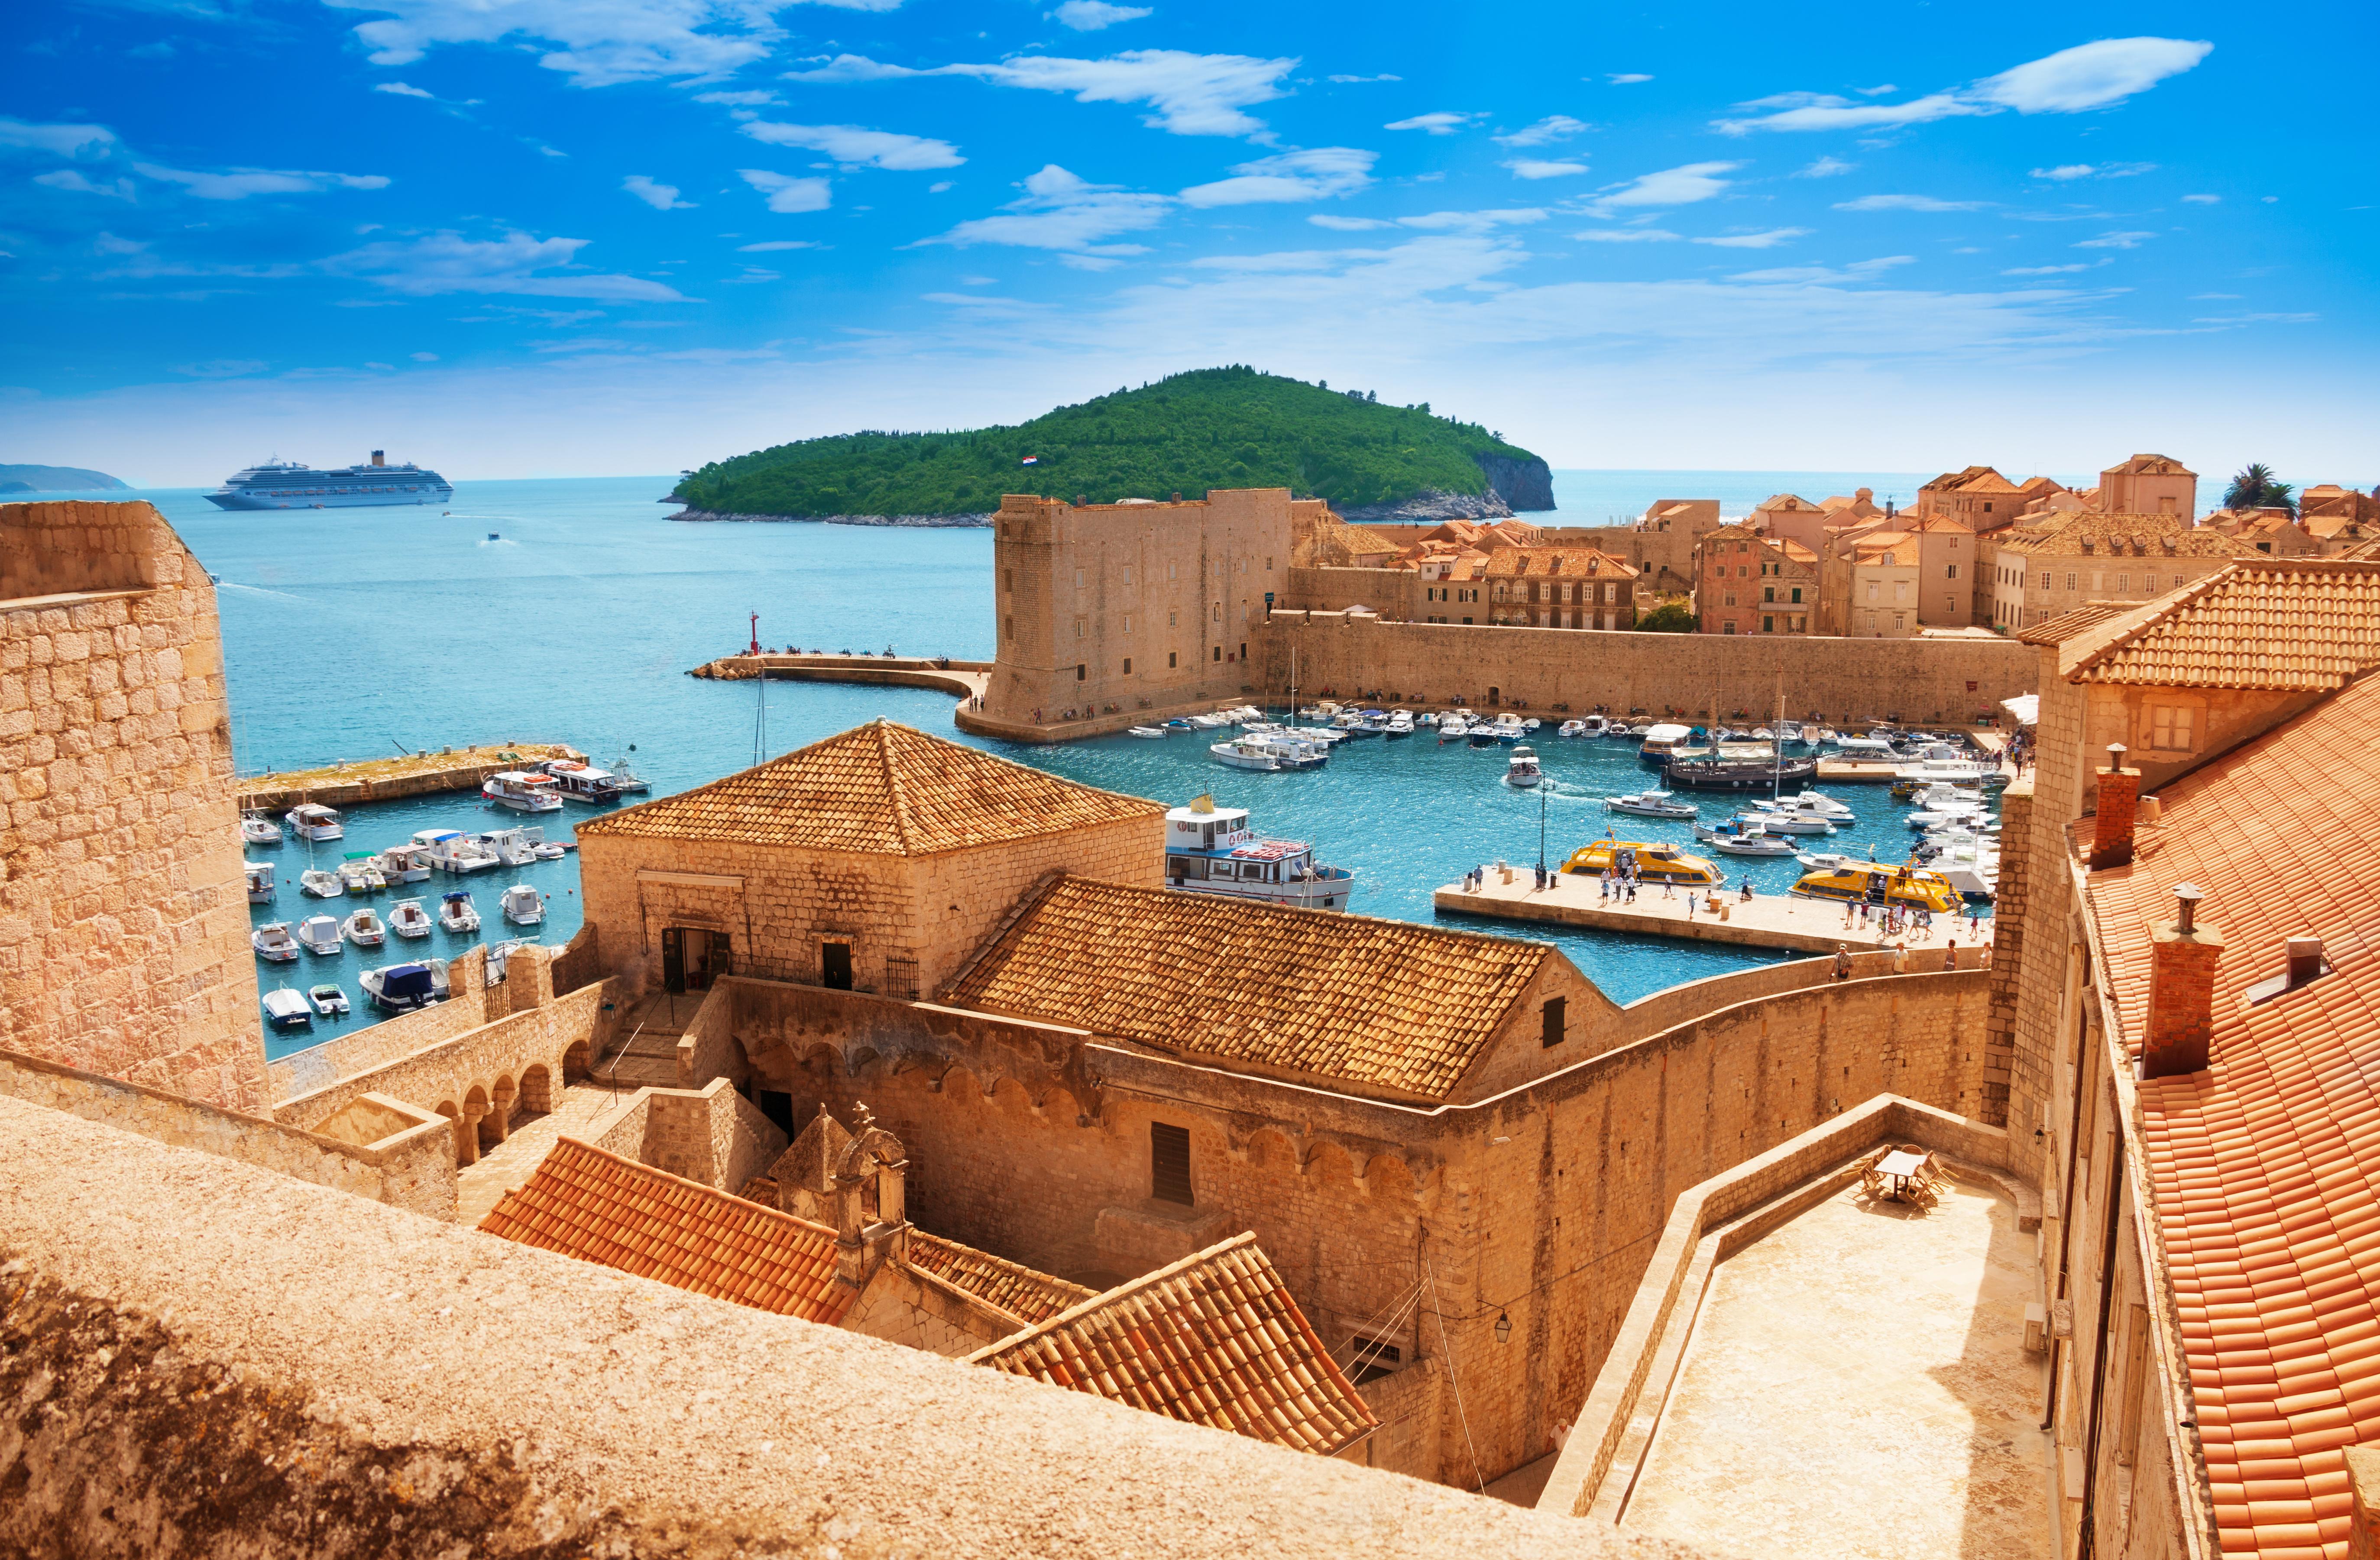 https://assets.eberhardt-travel.de/2016/Kroatien/51138_Hafen_Dubrovnik_Original.jpg